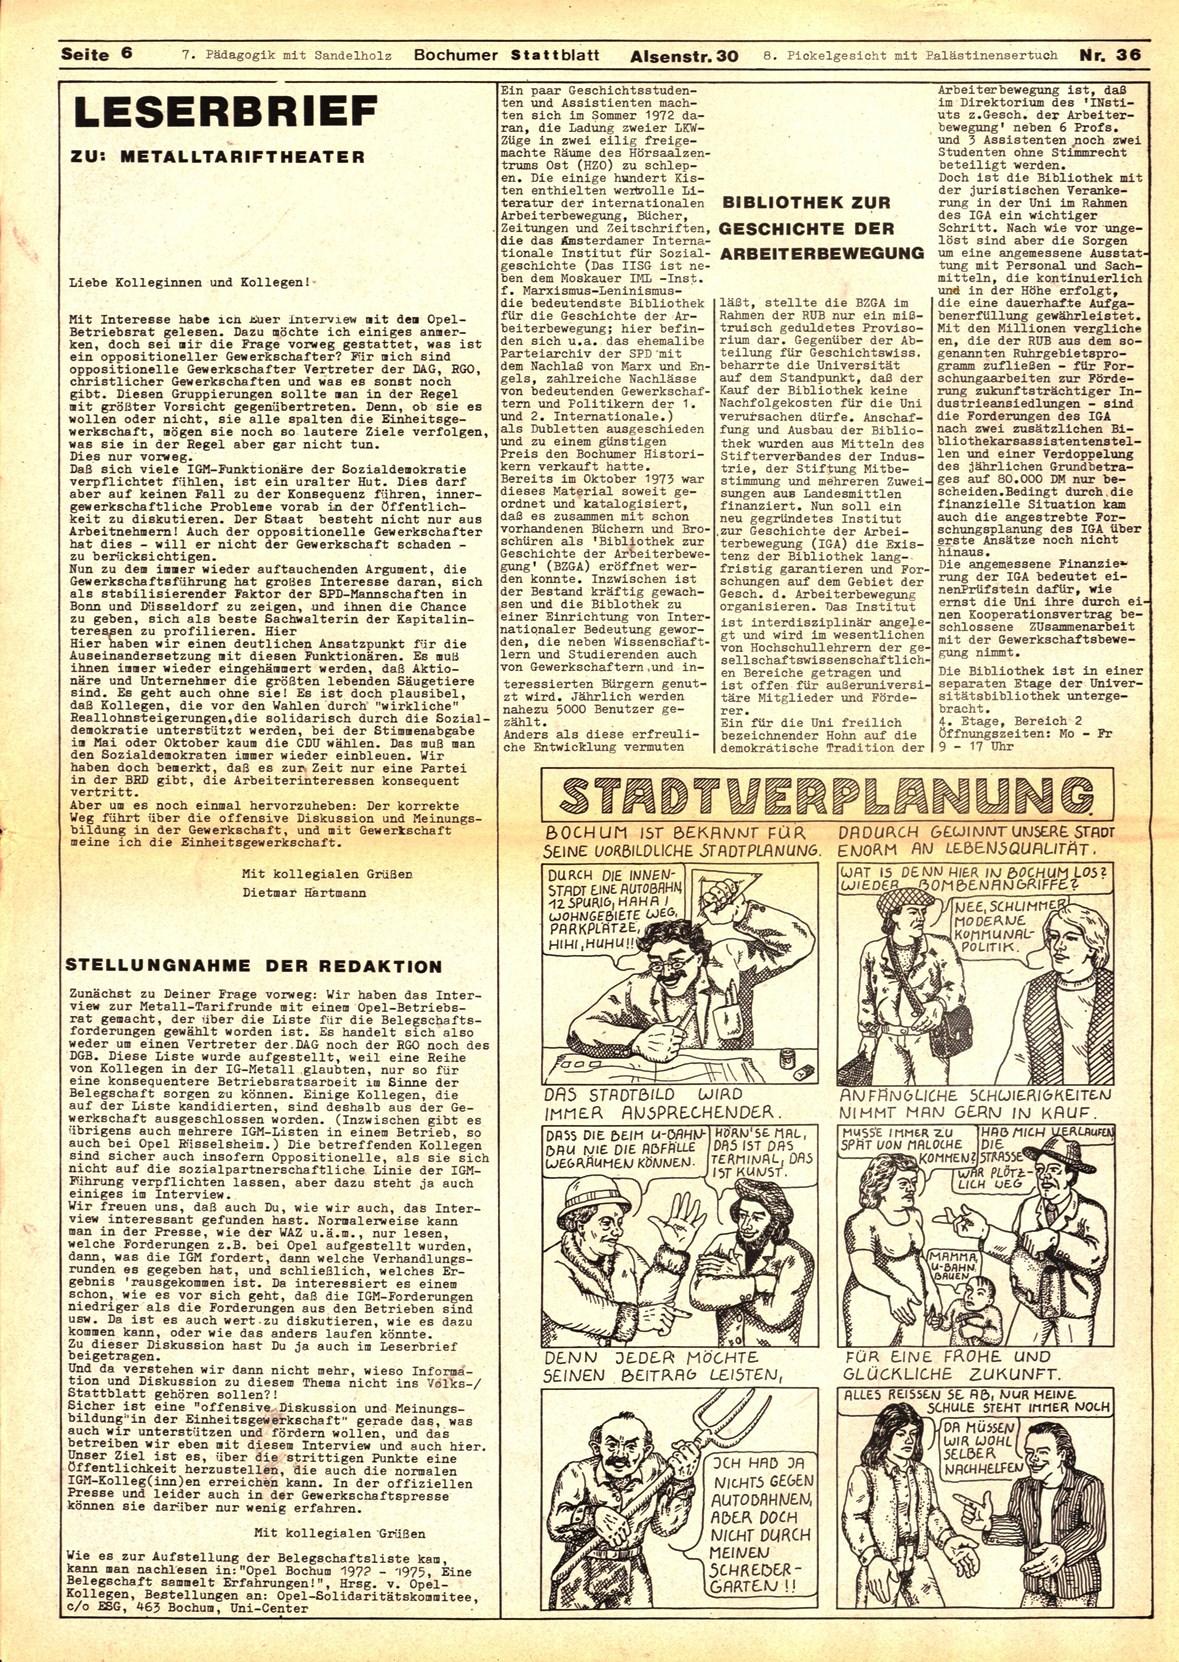 Bochum_Stattblatt_19800400_36_06